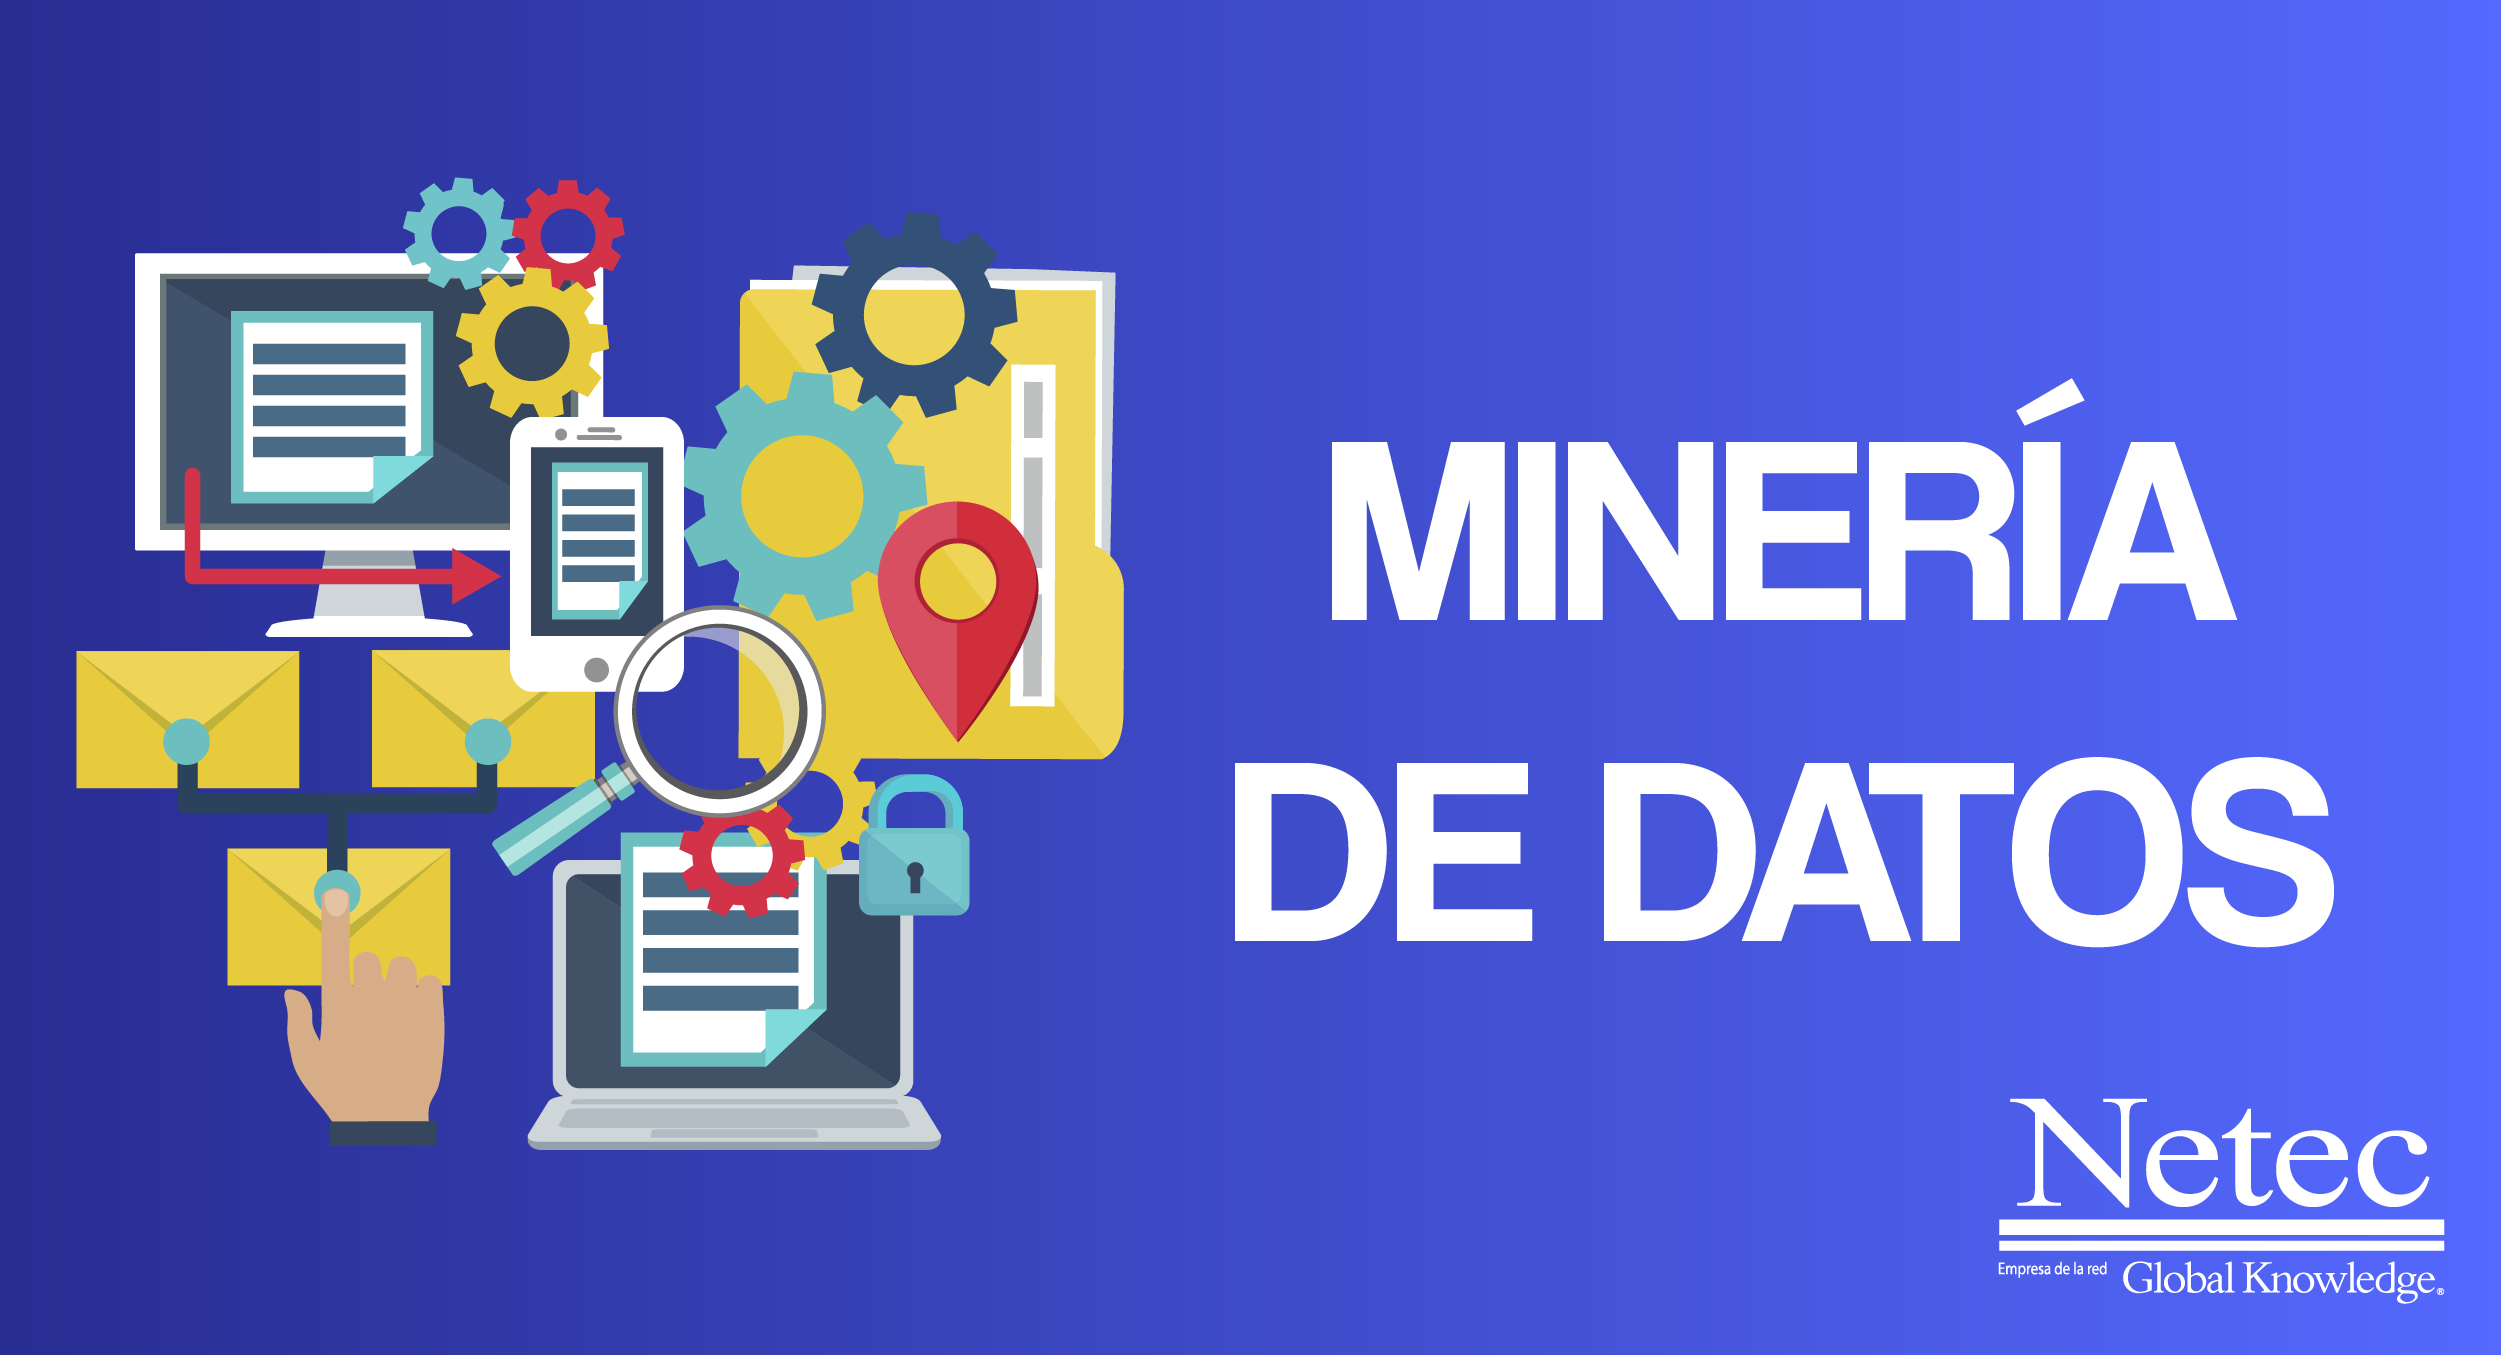 MINERÍA DE DATOS: Qué es, importancia y técnicas de su implementación